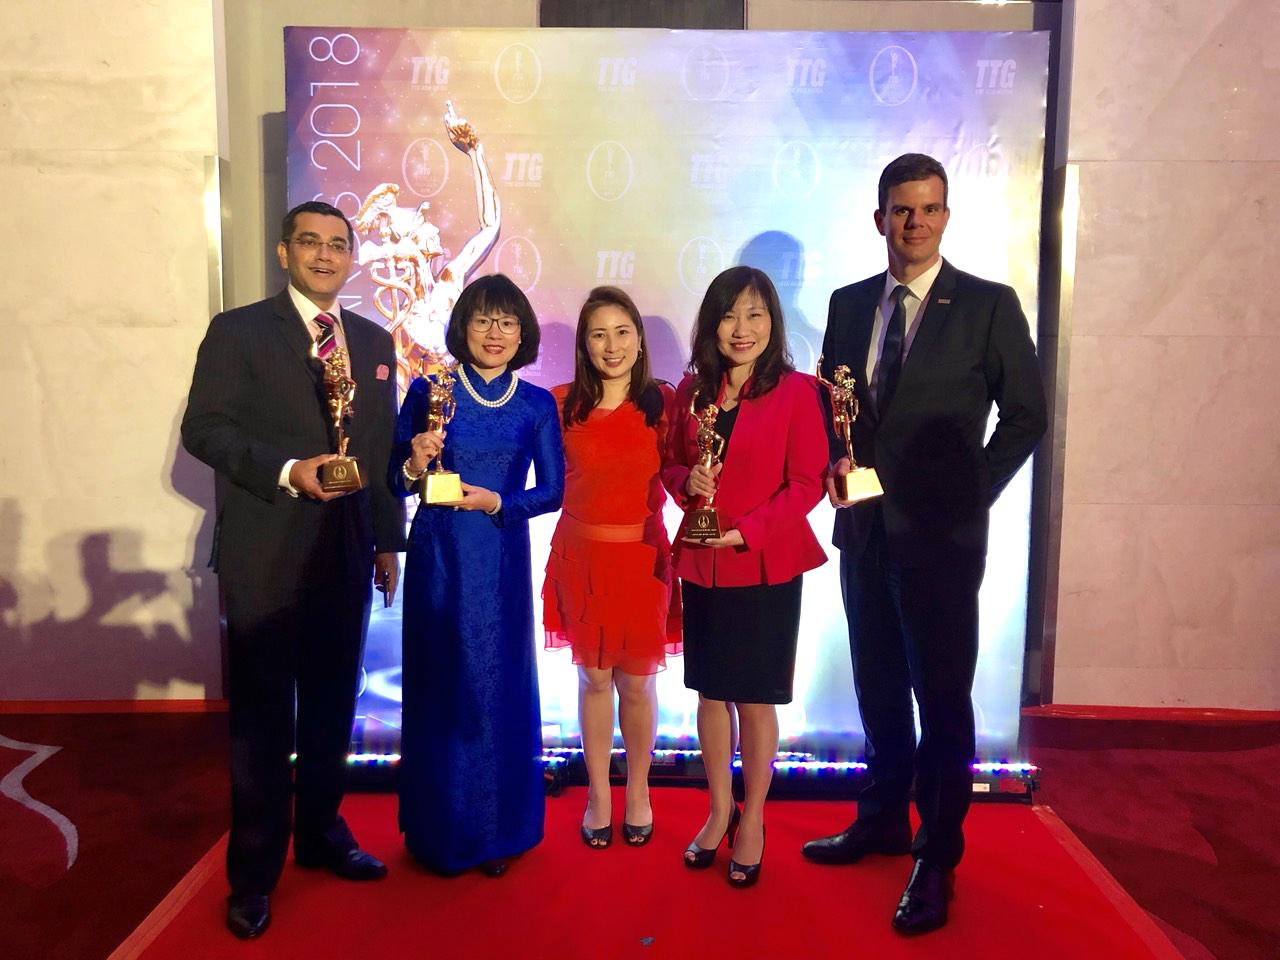 Vietravel 7 lần đạt giải thưởng TTG Travel Awards - Ảnh 2.